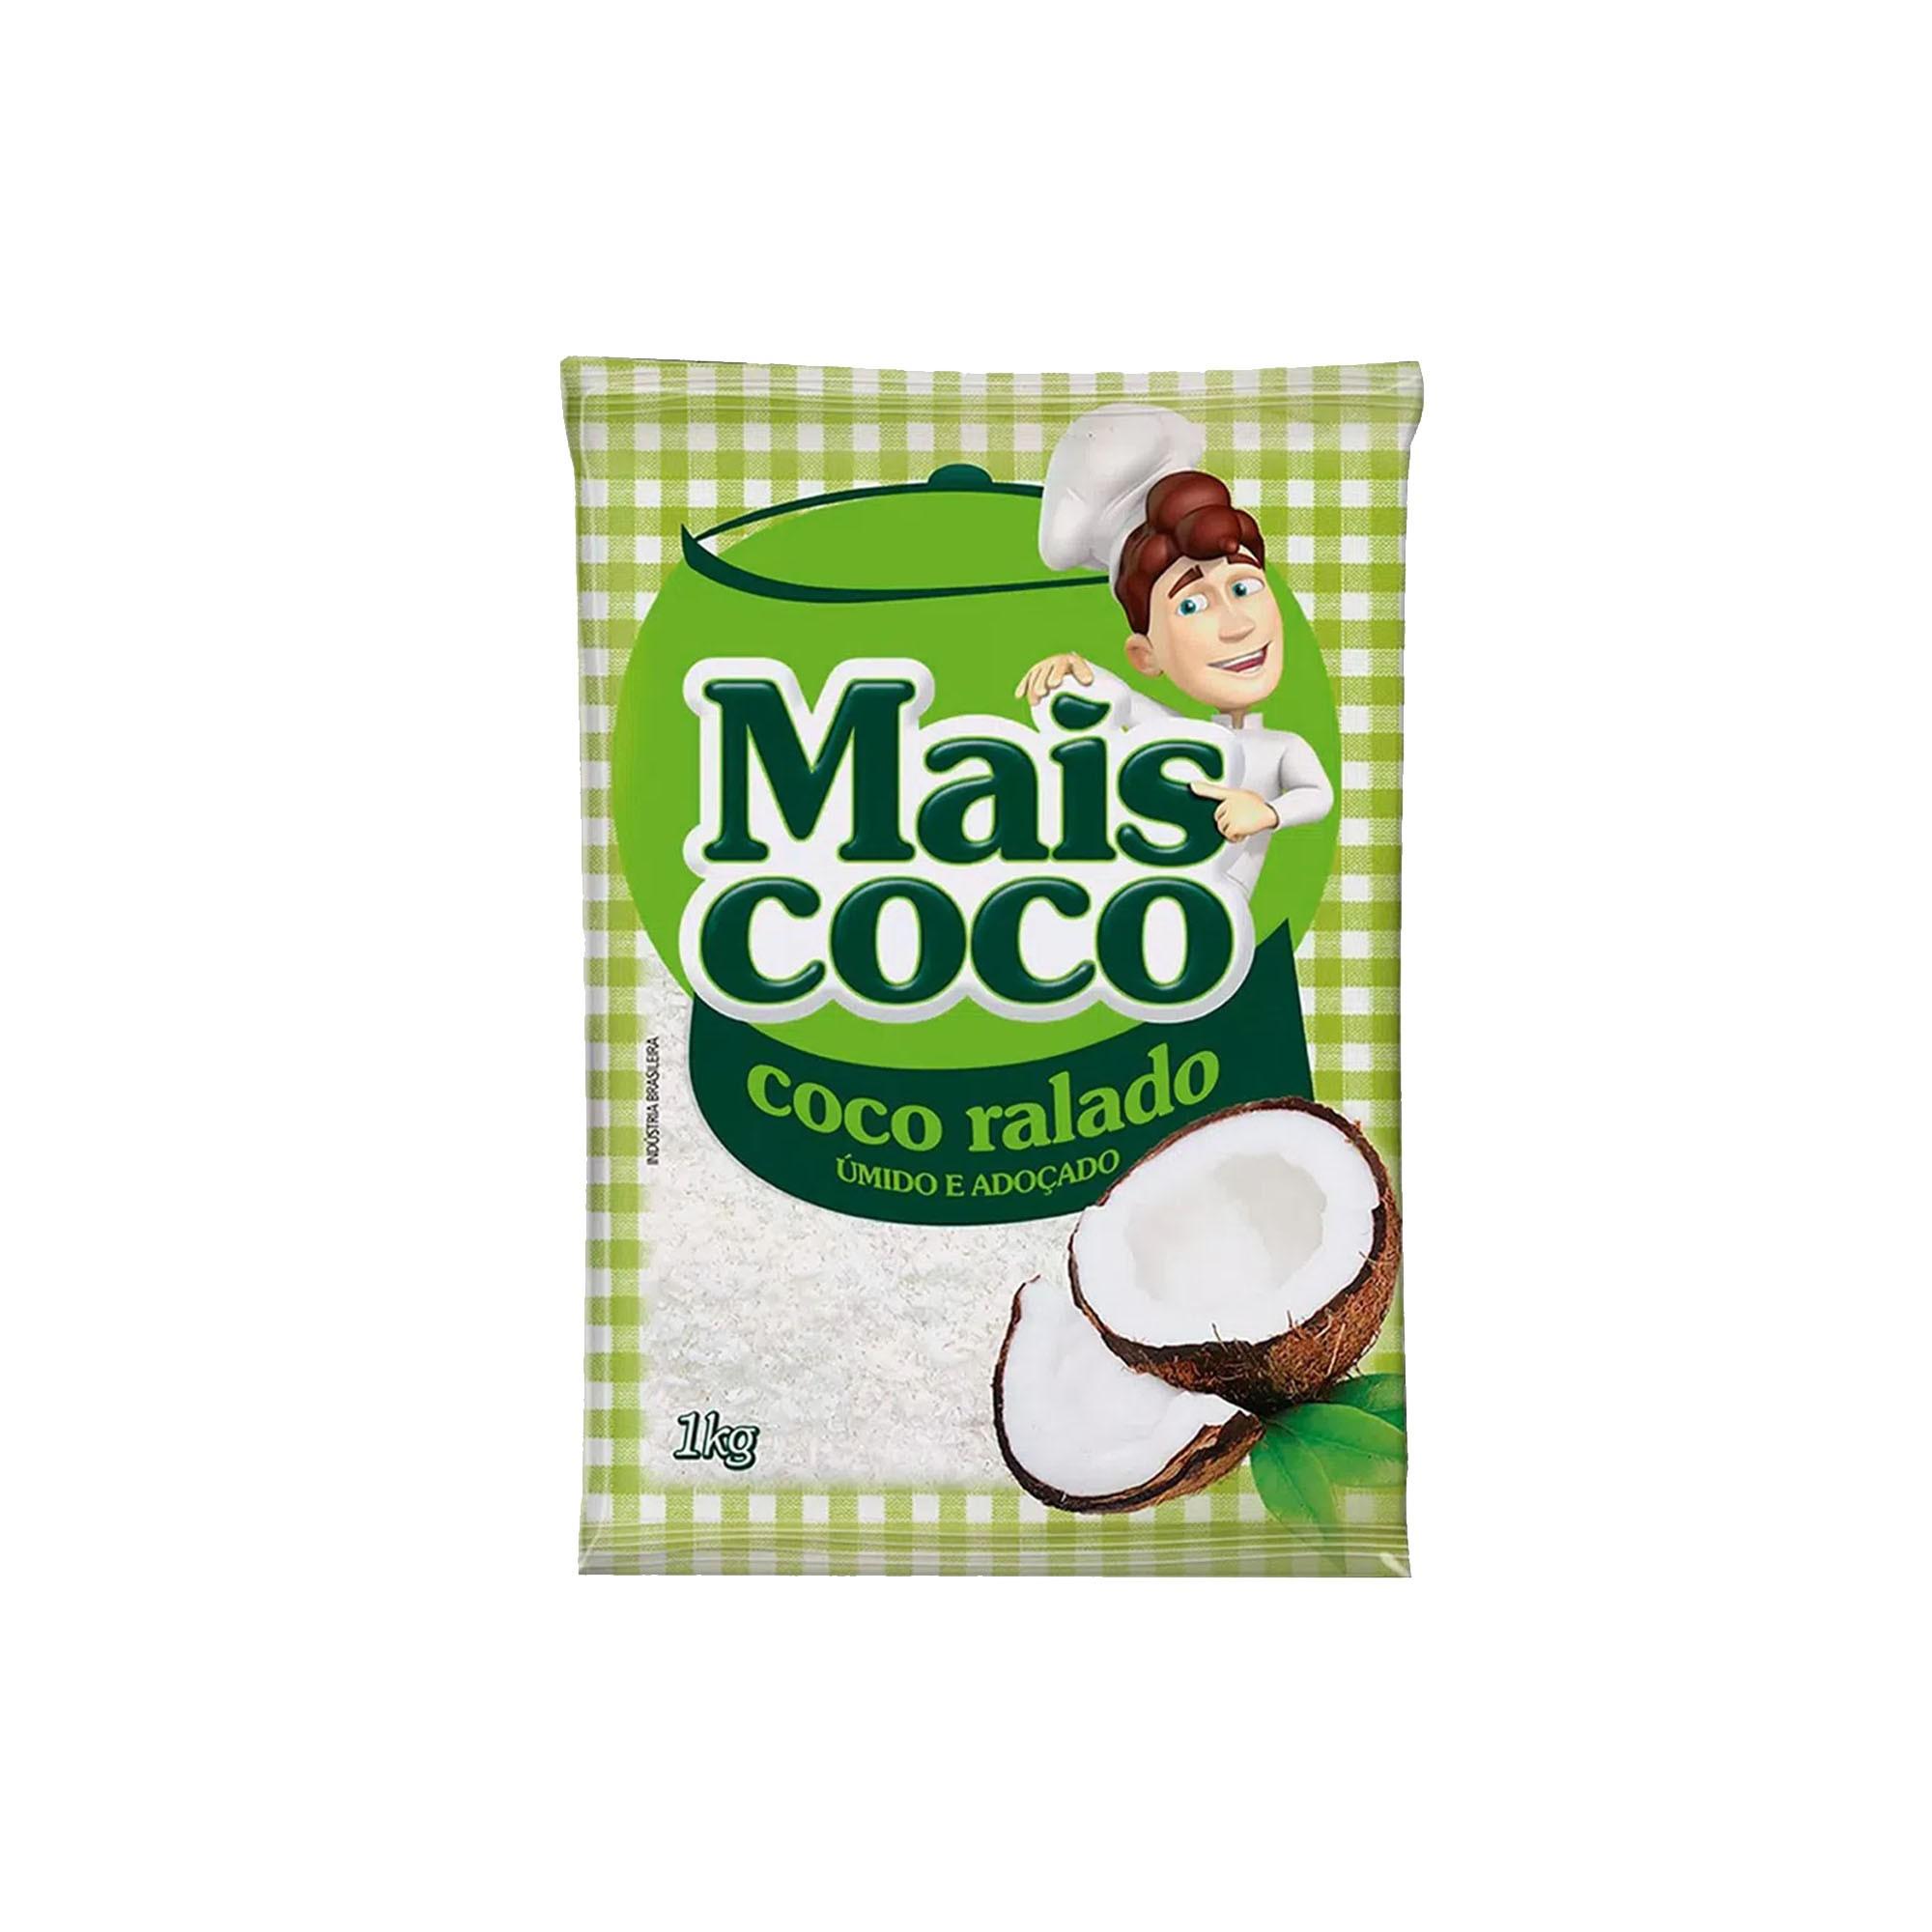 COCO RALADO UMIDO E ADOCADO 1KG MAIS COCO